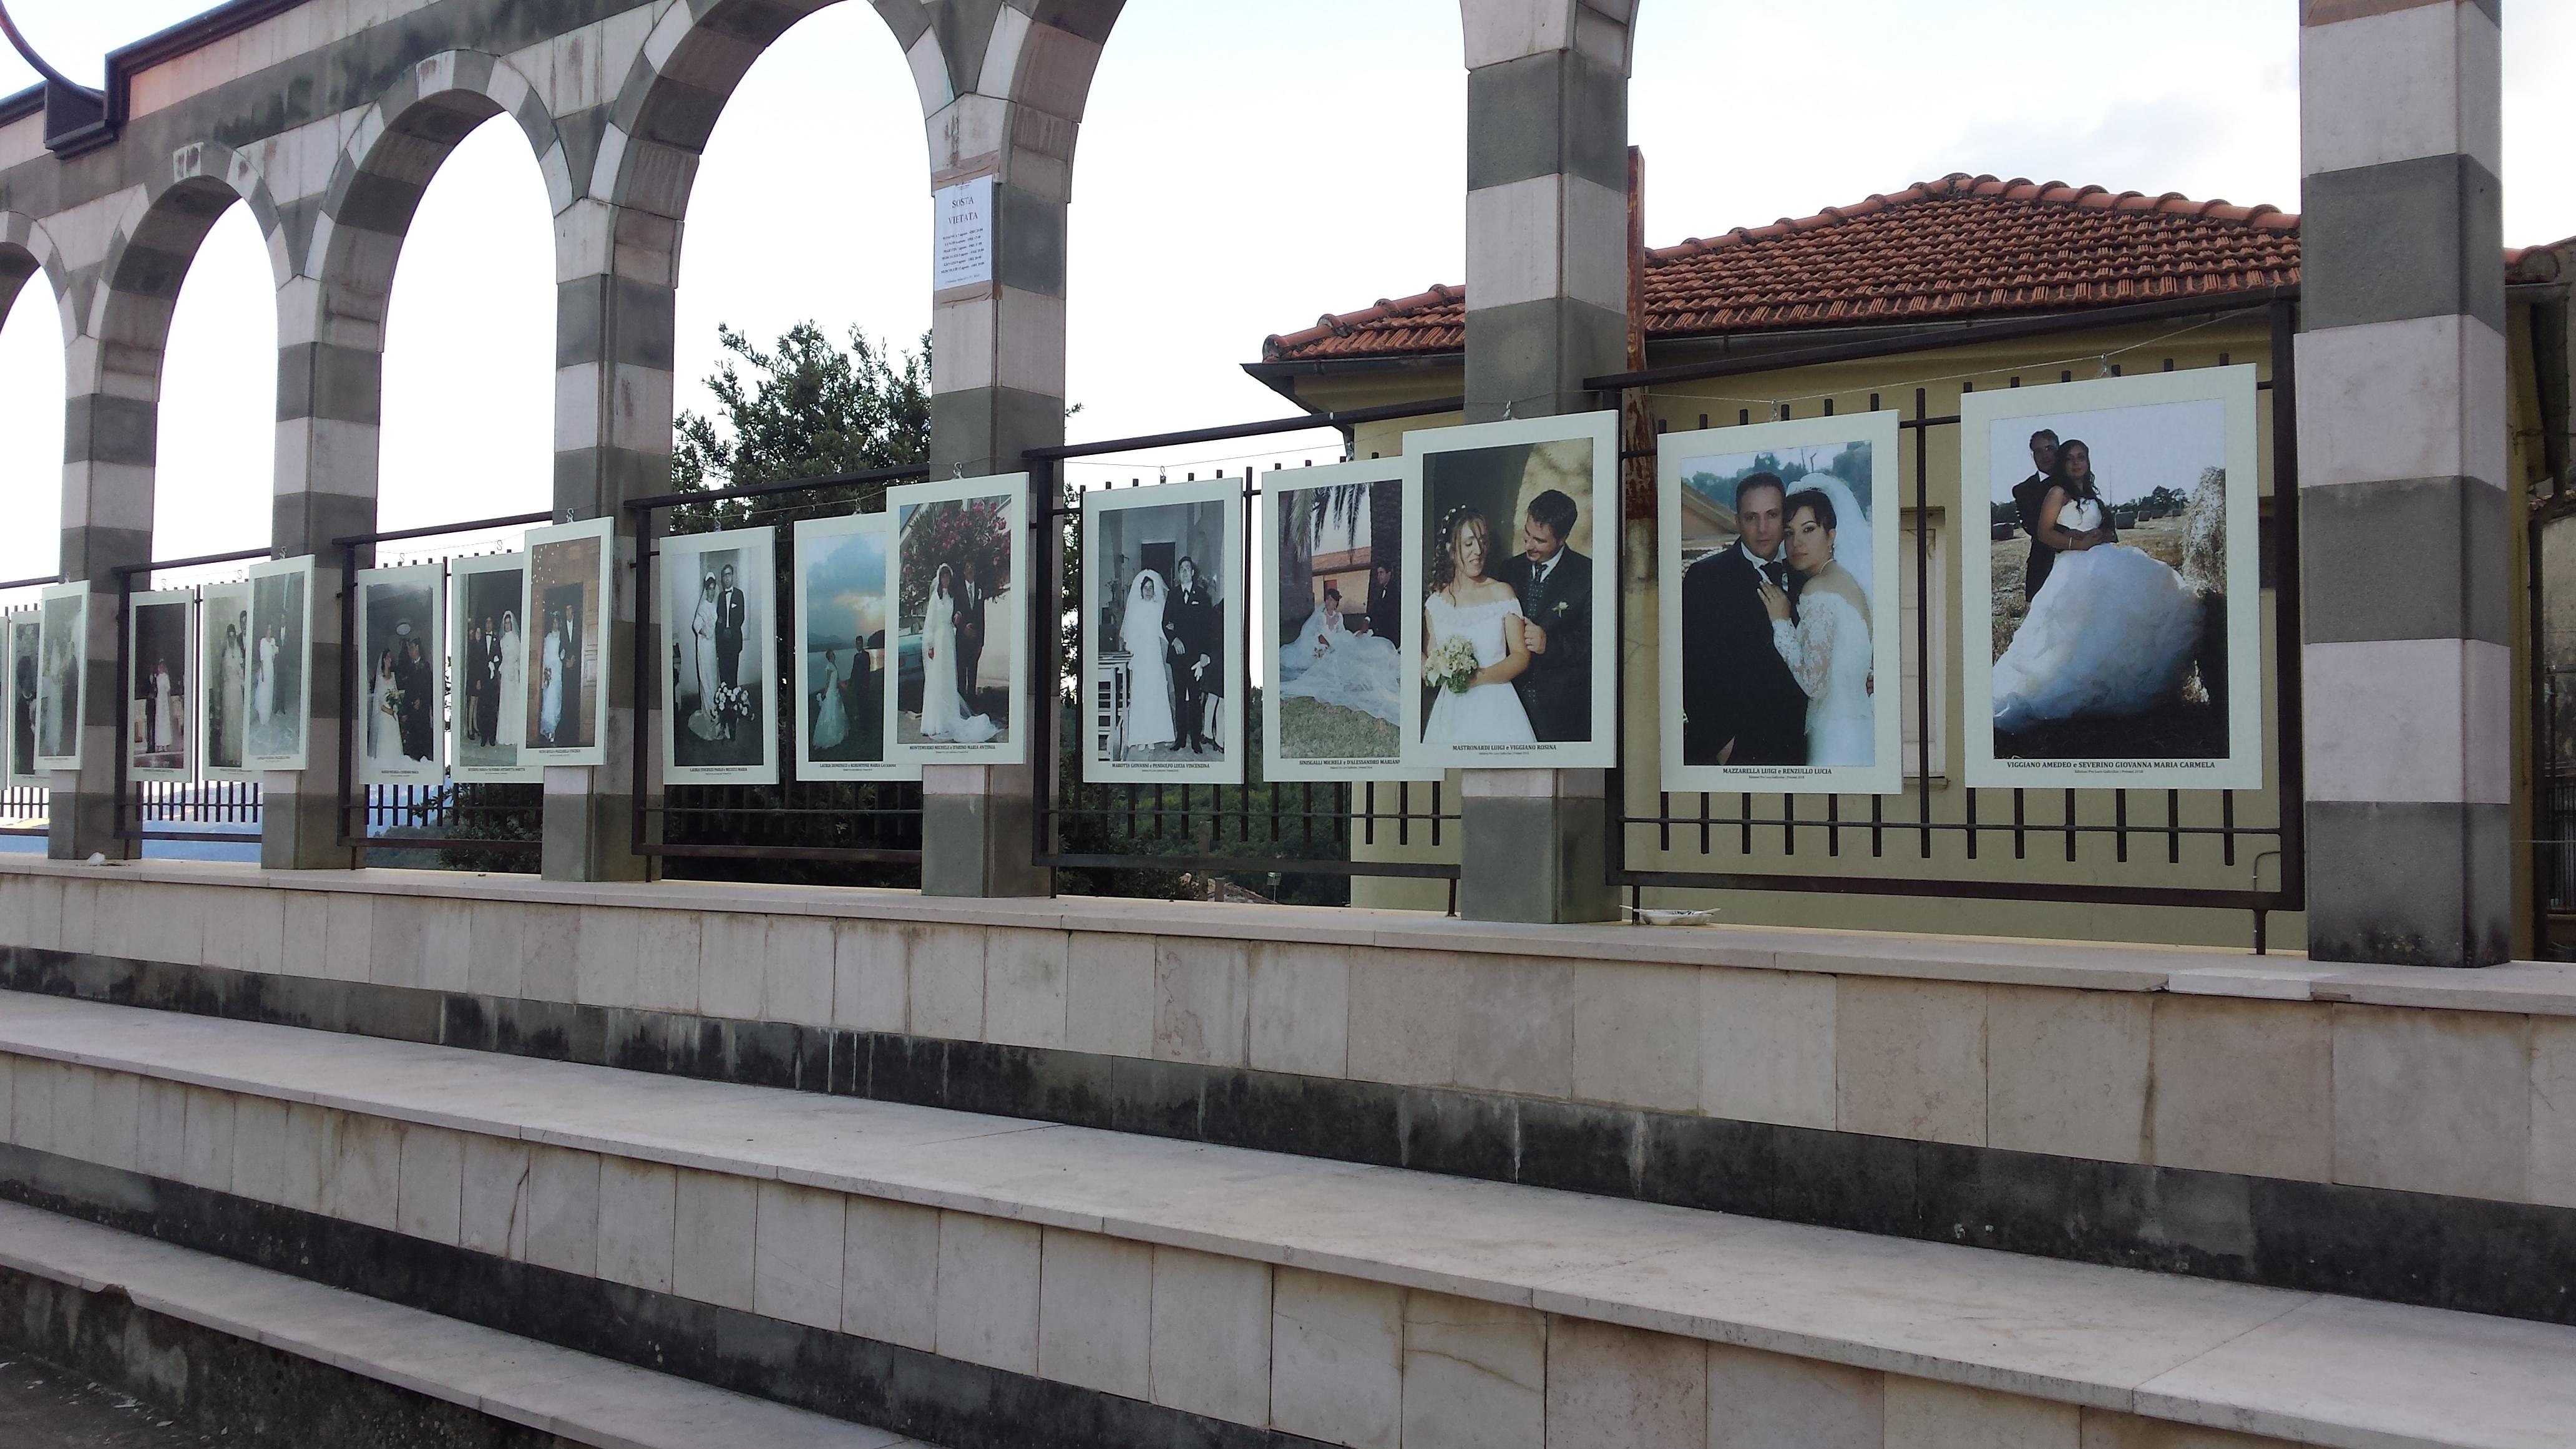 Paese Mio - Mostra di fotografia digitale